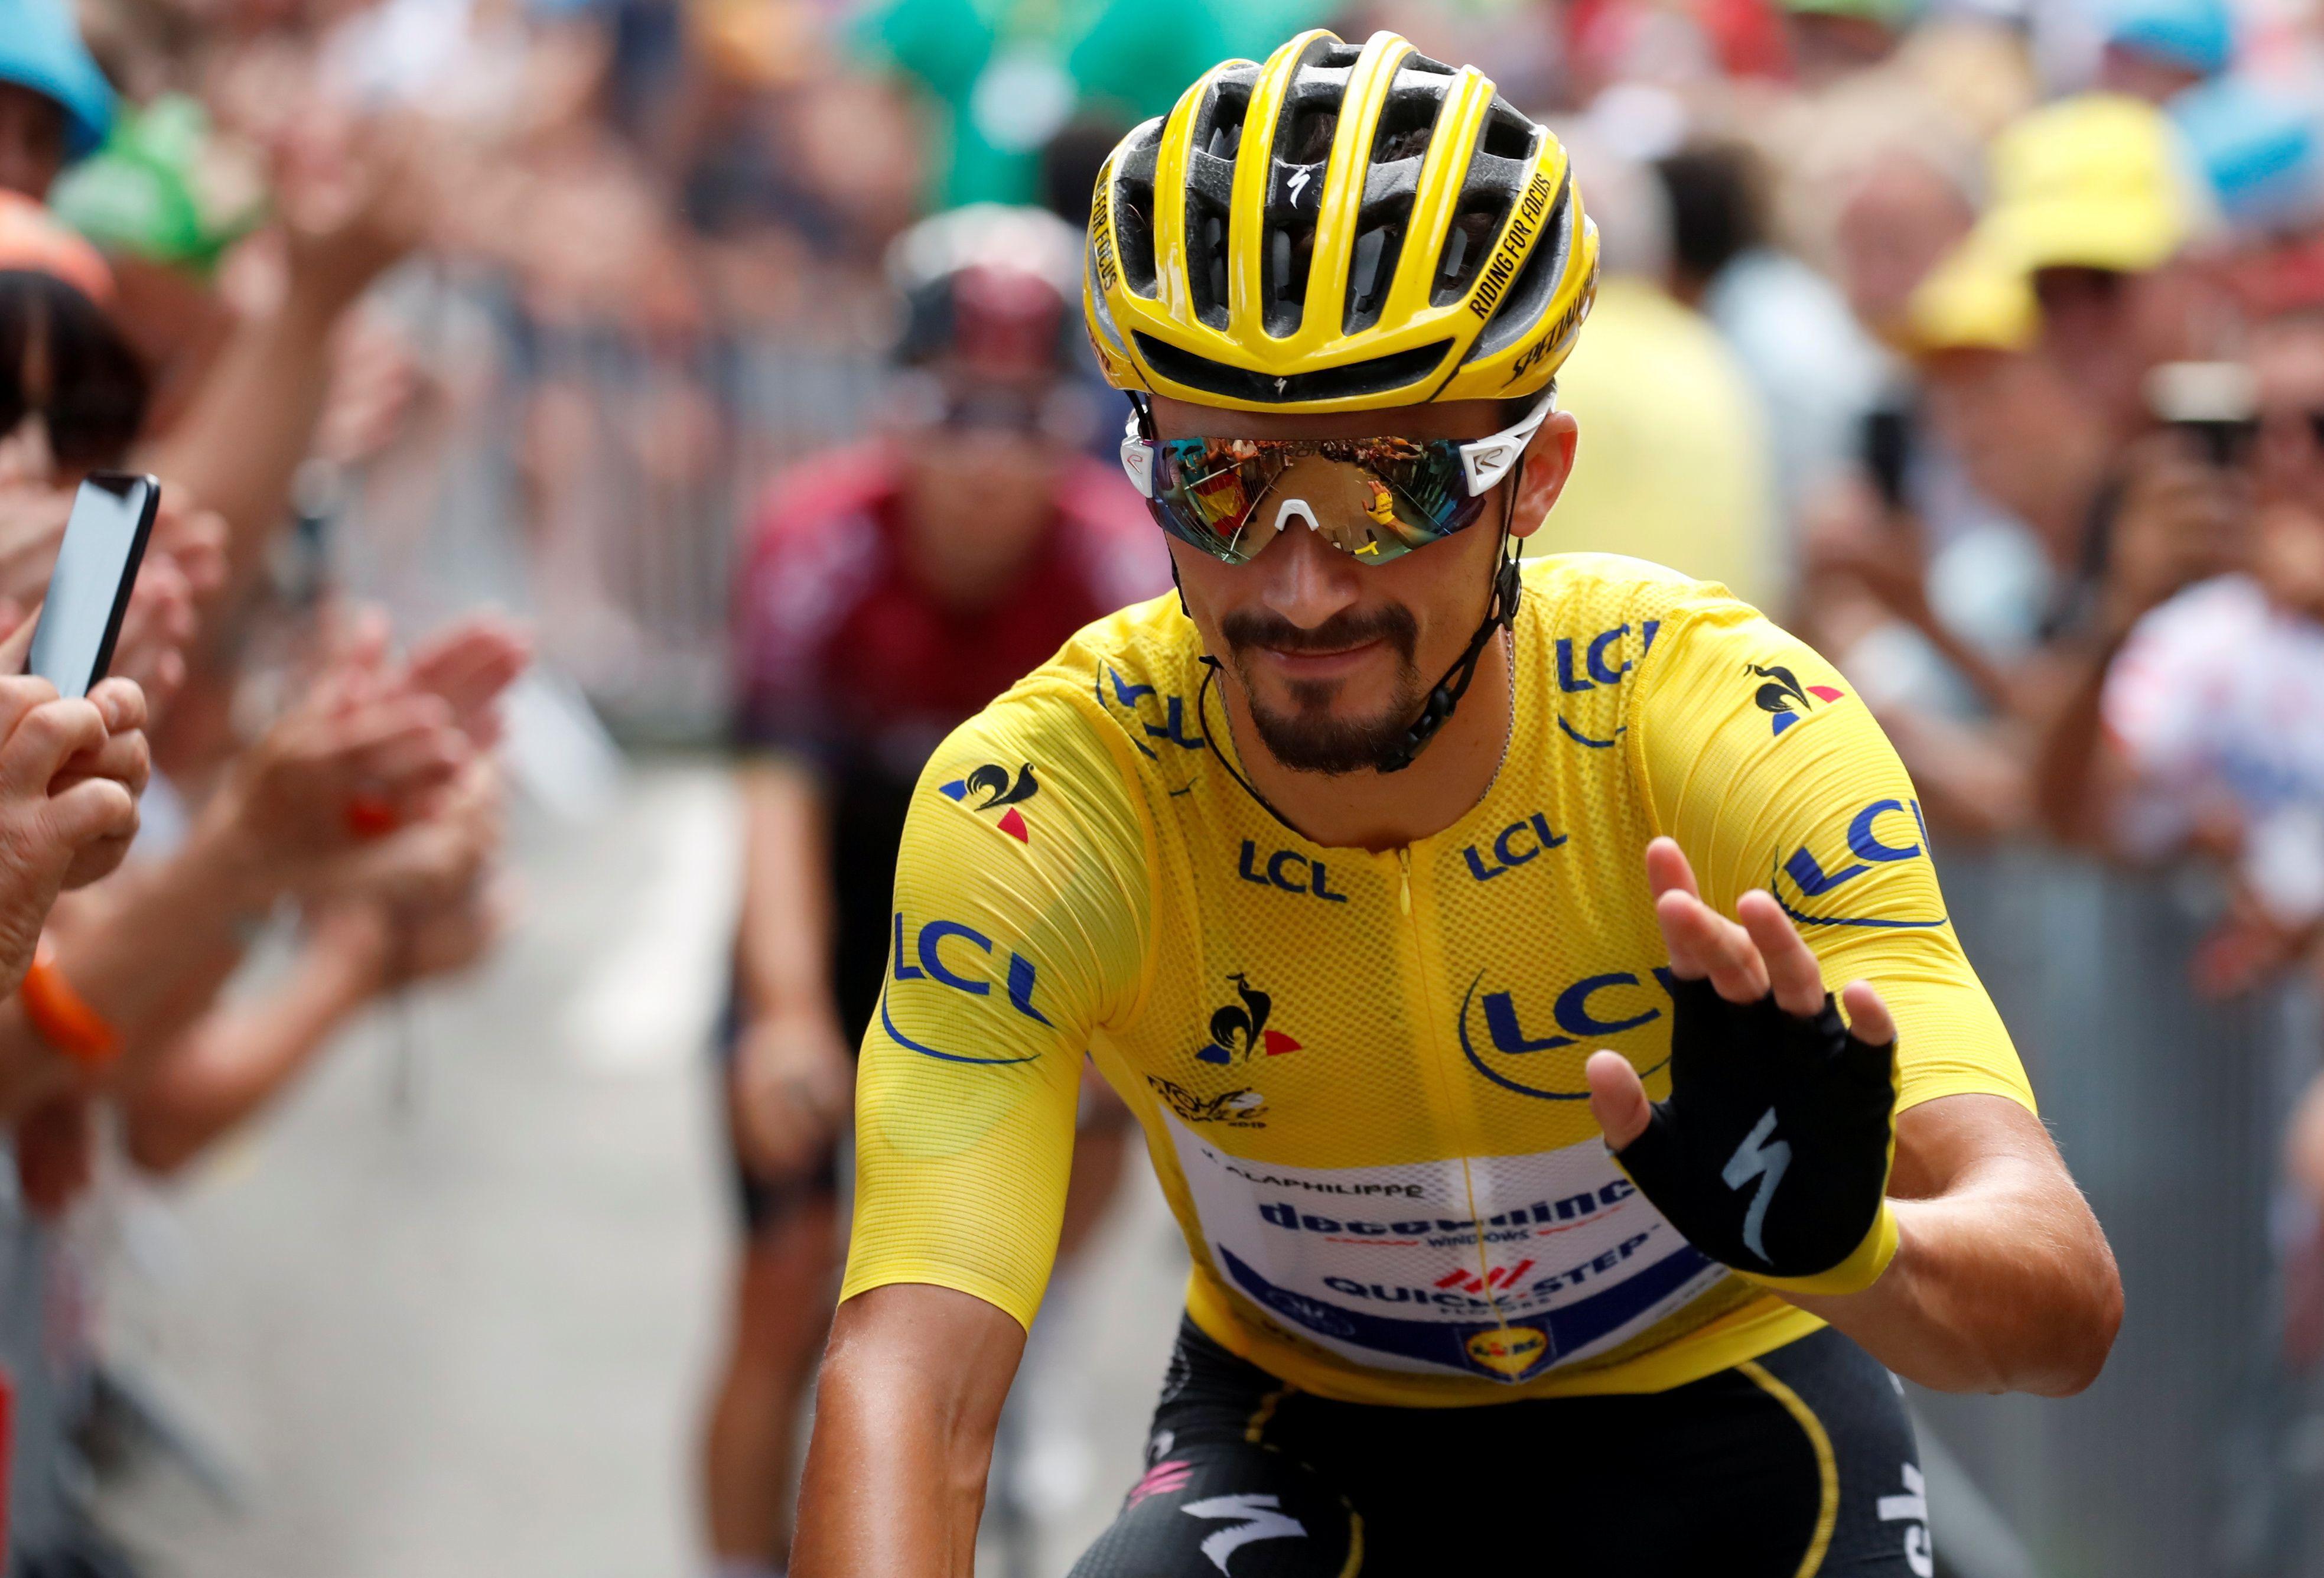 Cyclisme - Alaphilippe renonce au Tour de Lombardie et met un terme à sa folle saison